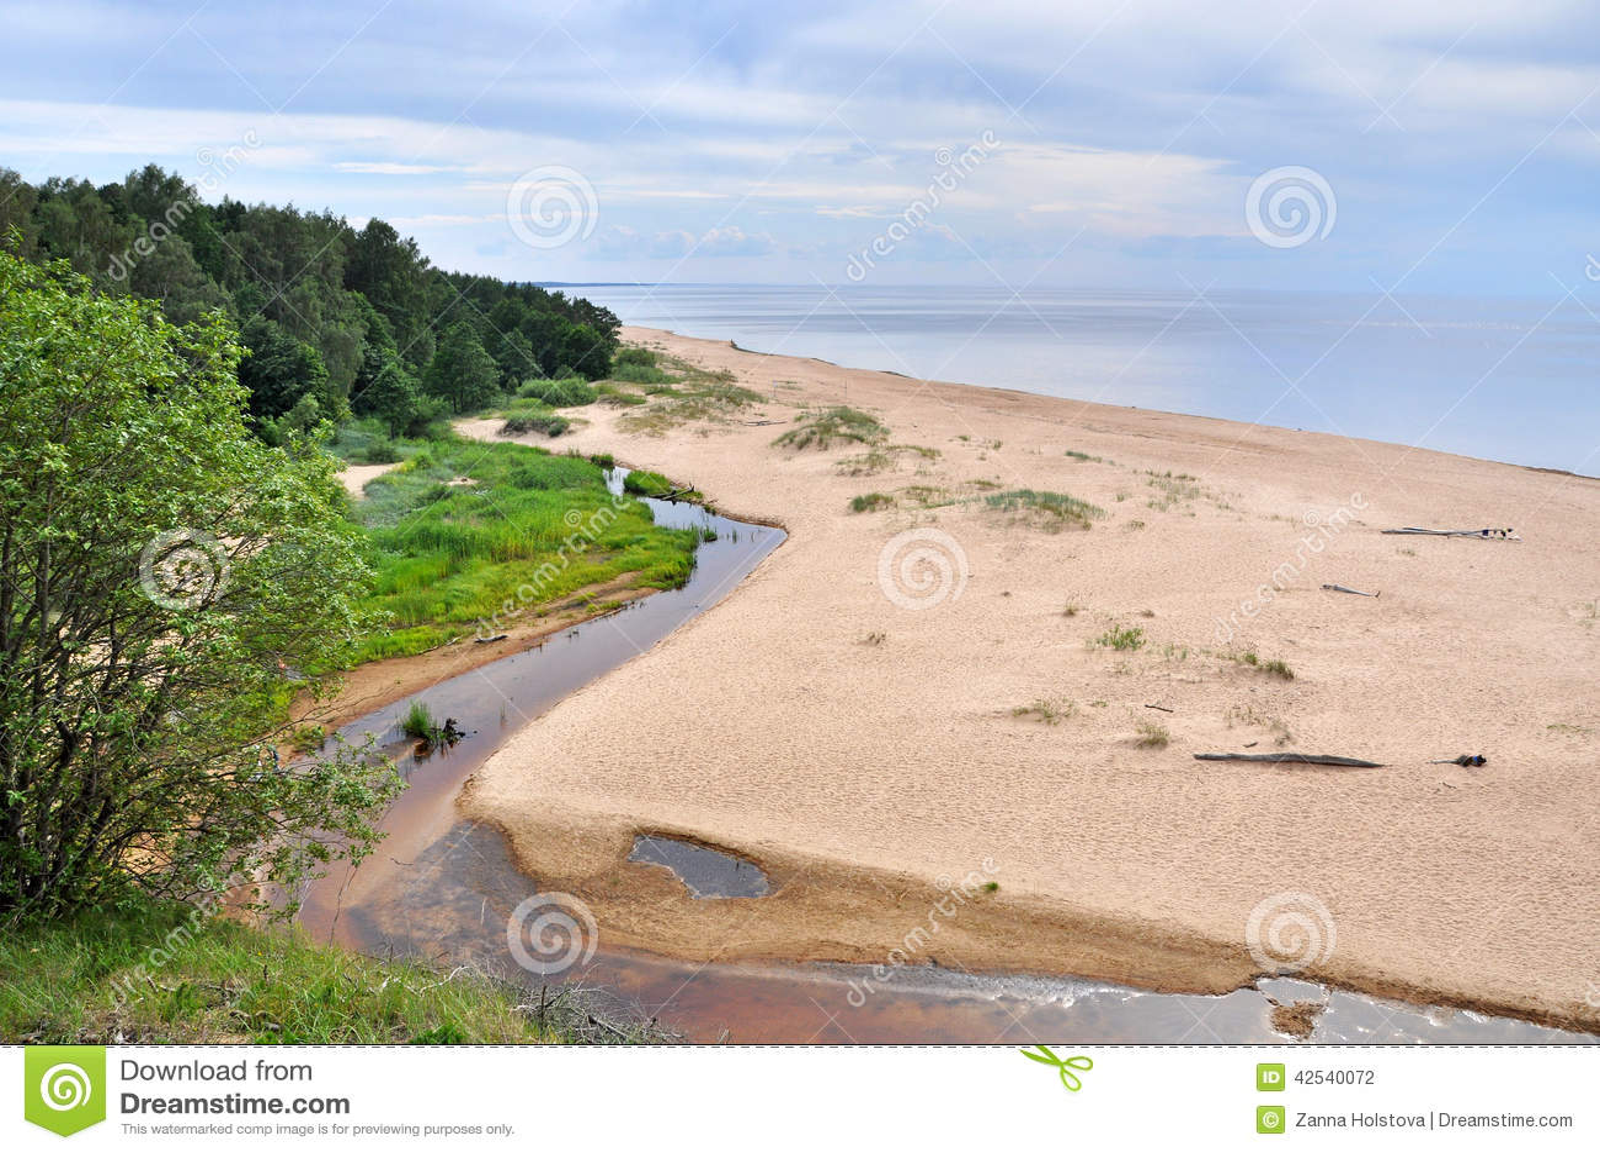 Saulkrasti, Baltic Sea, Latvia.